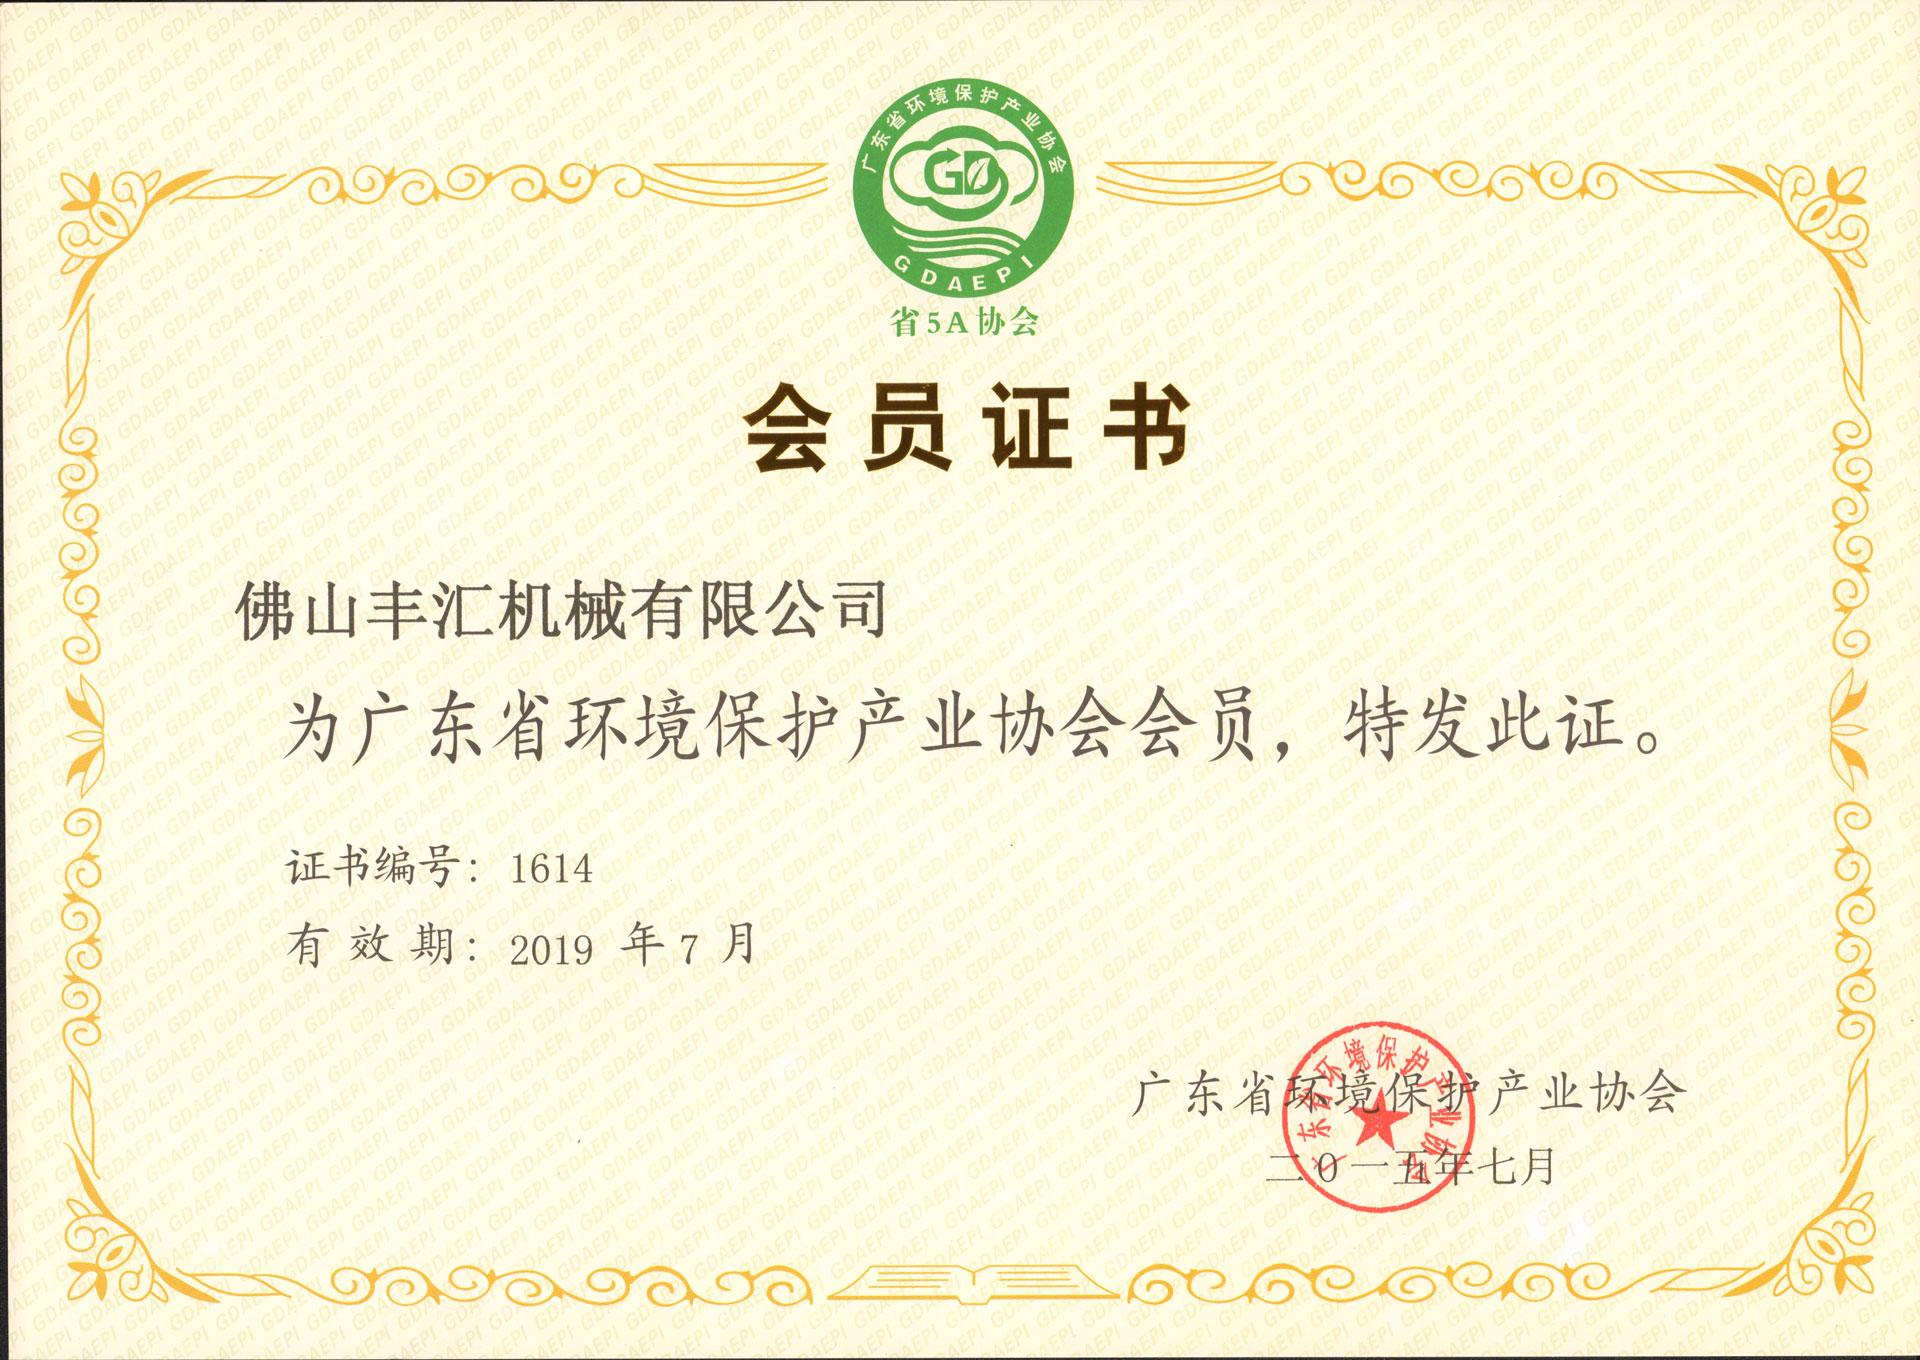 广东省环保产业协会会员证